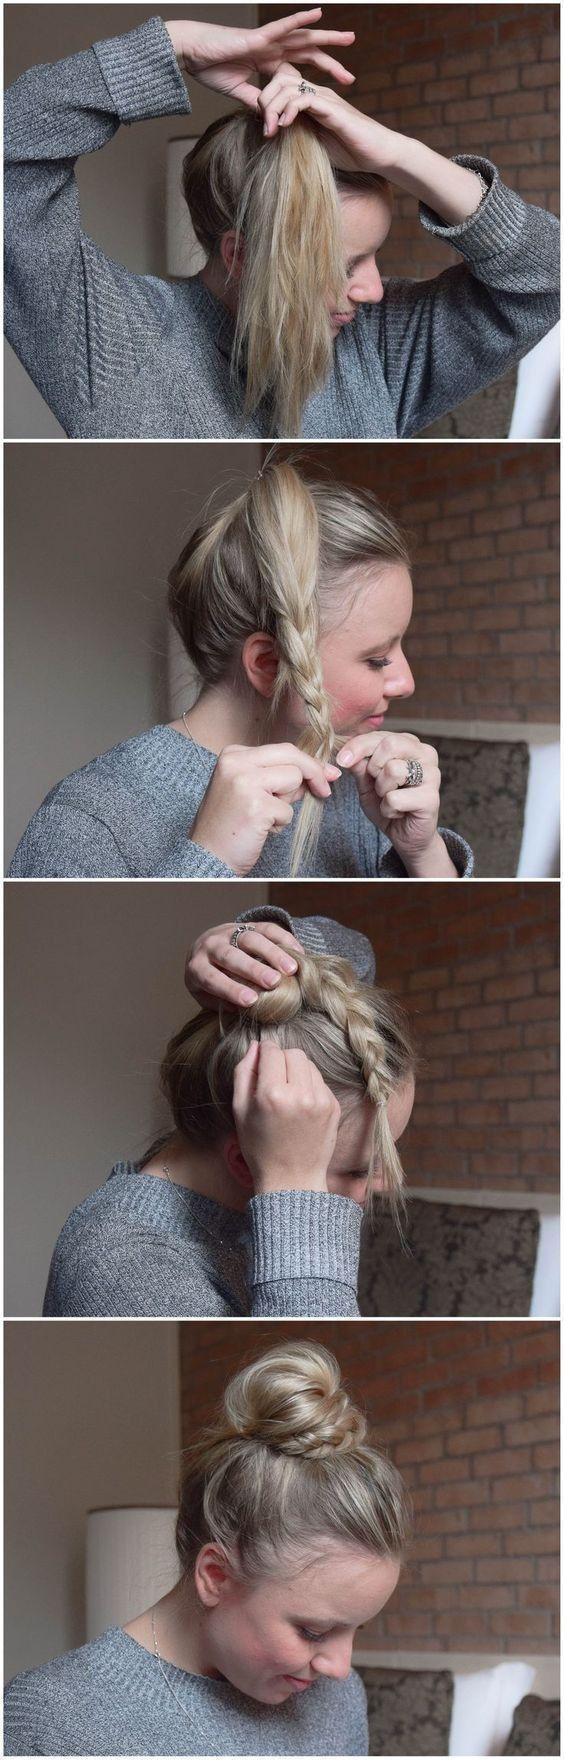 Best of Cute Einfache Frisuren Tumblr für Schule #dagibee #minipurisure